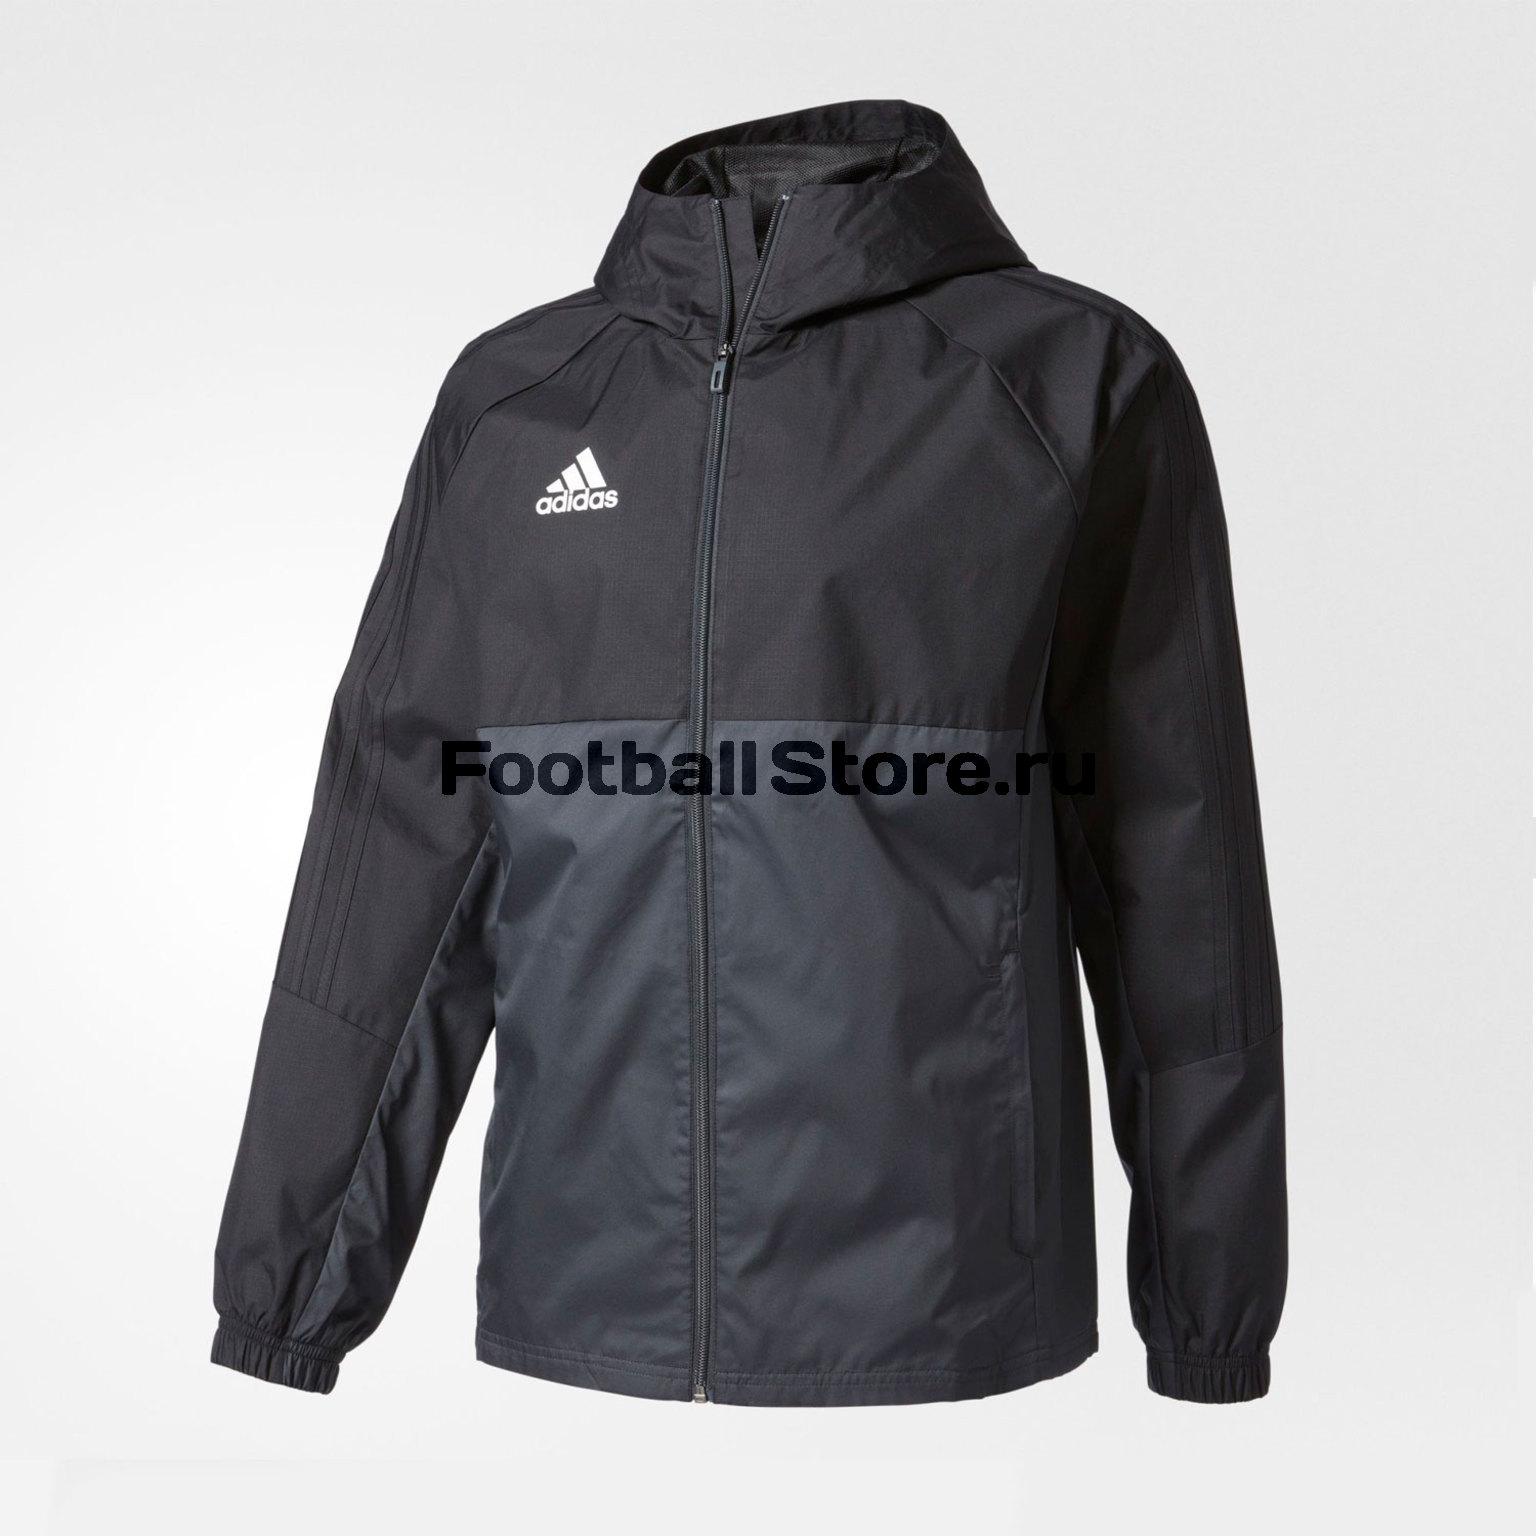 Ветровка Adidas Tiro17 RN JKT AY2889 ветровка мужская adidas con18 rain jkt цвет черный bq6528 размер l 52 54